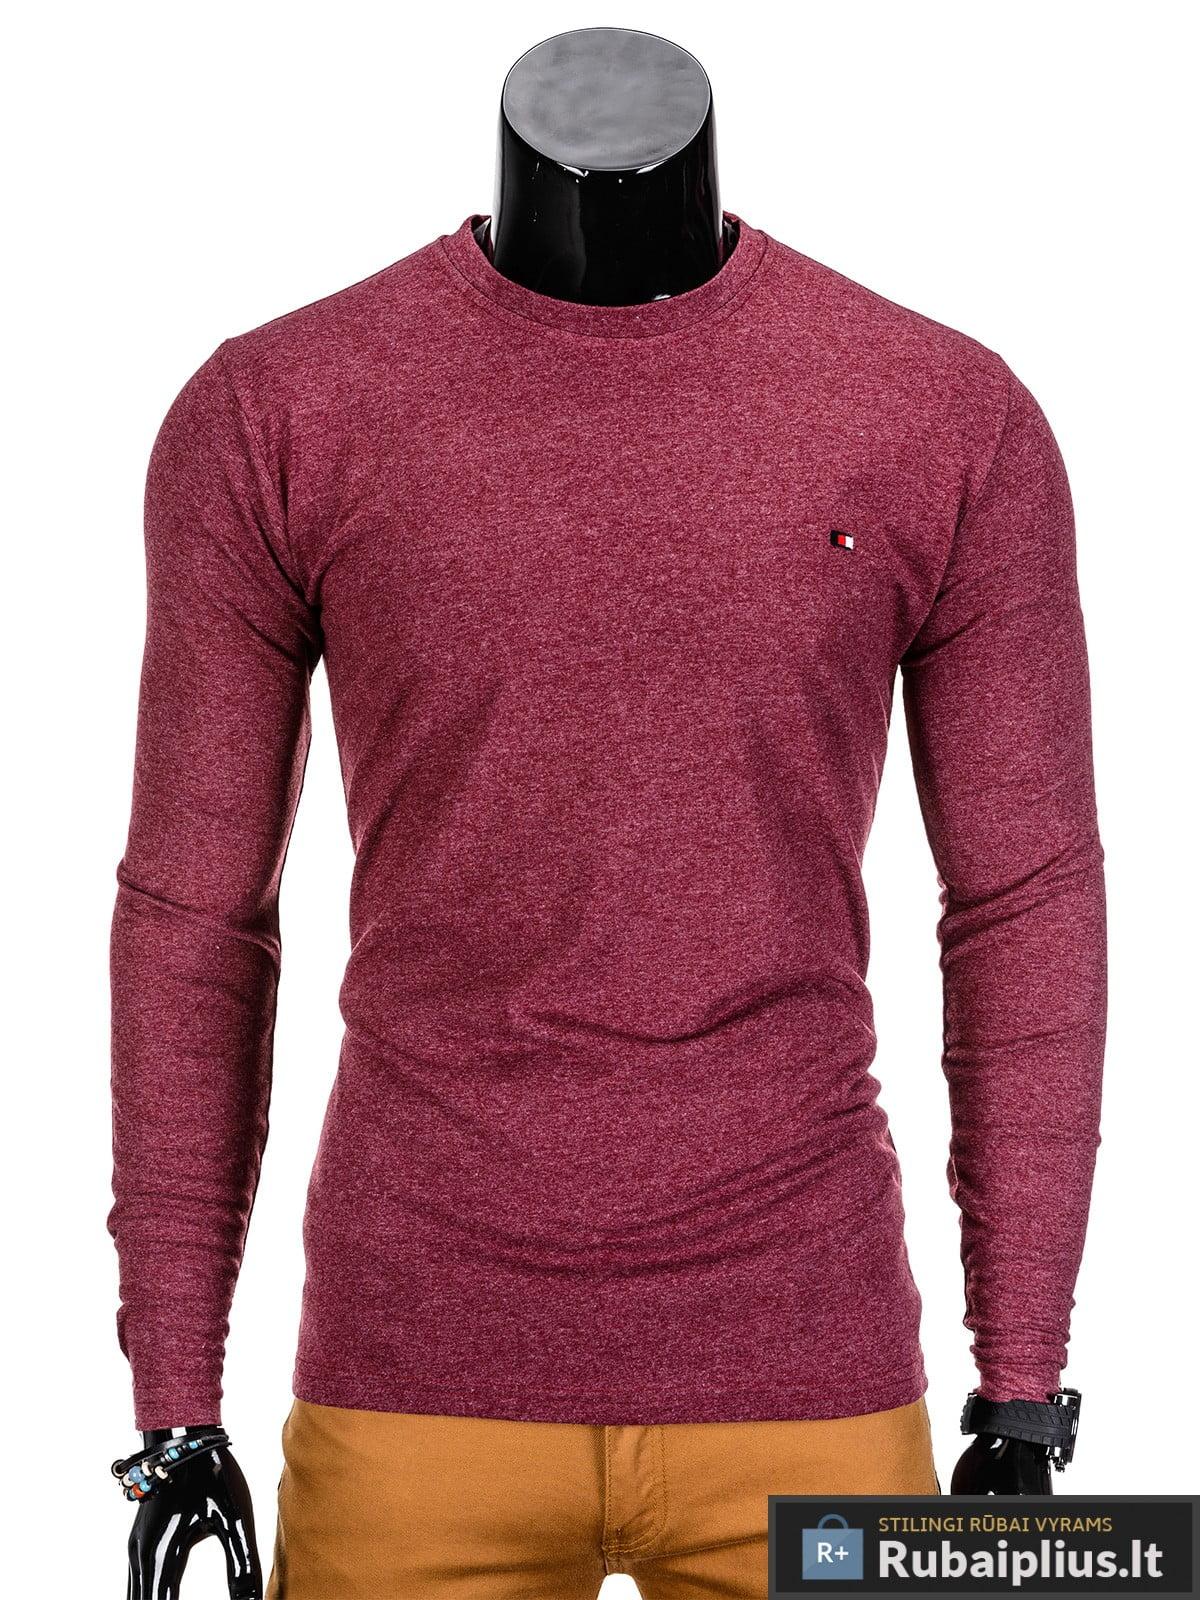 Vyriški marškinėliai raudonos spalvos ilgomis rankovėmis.